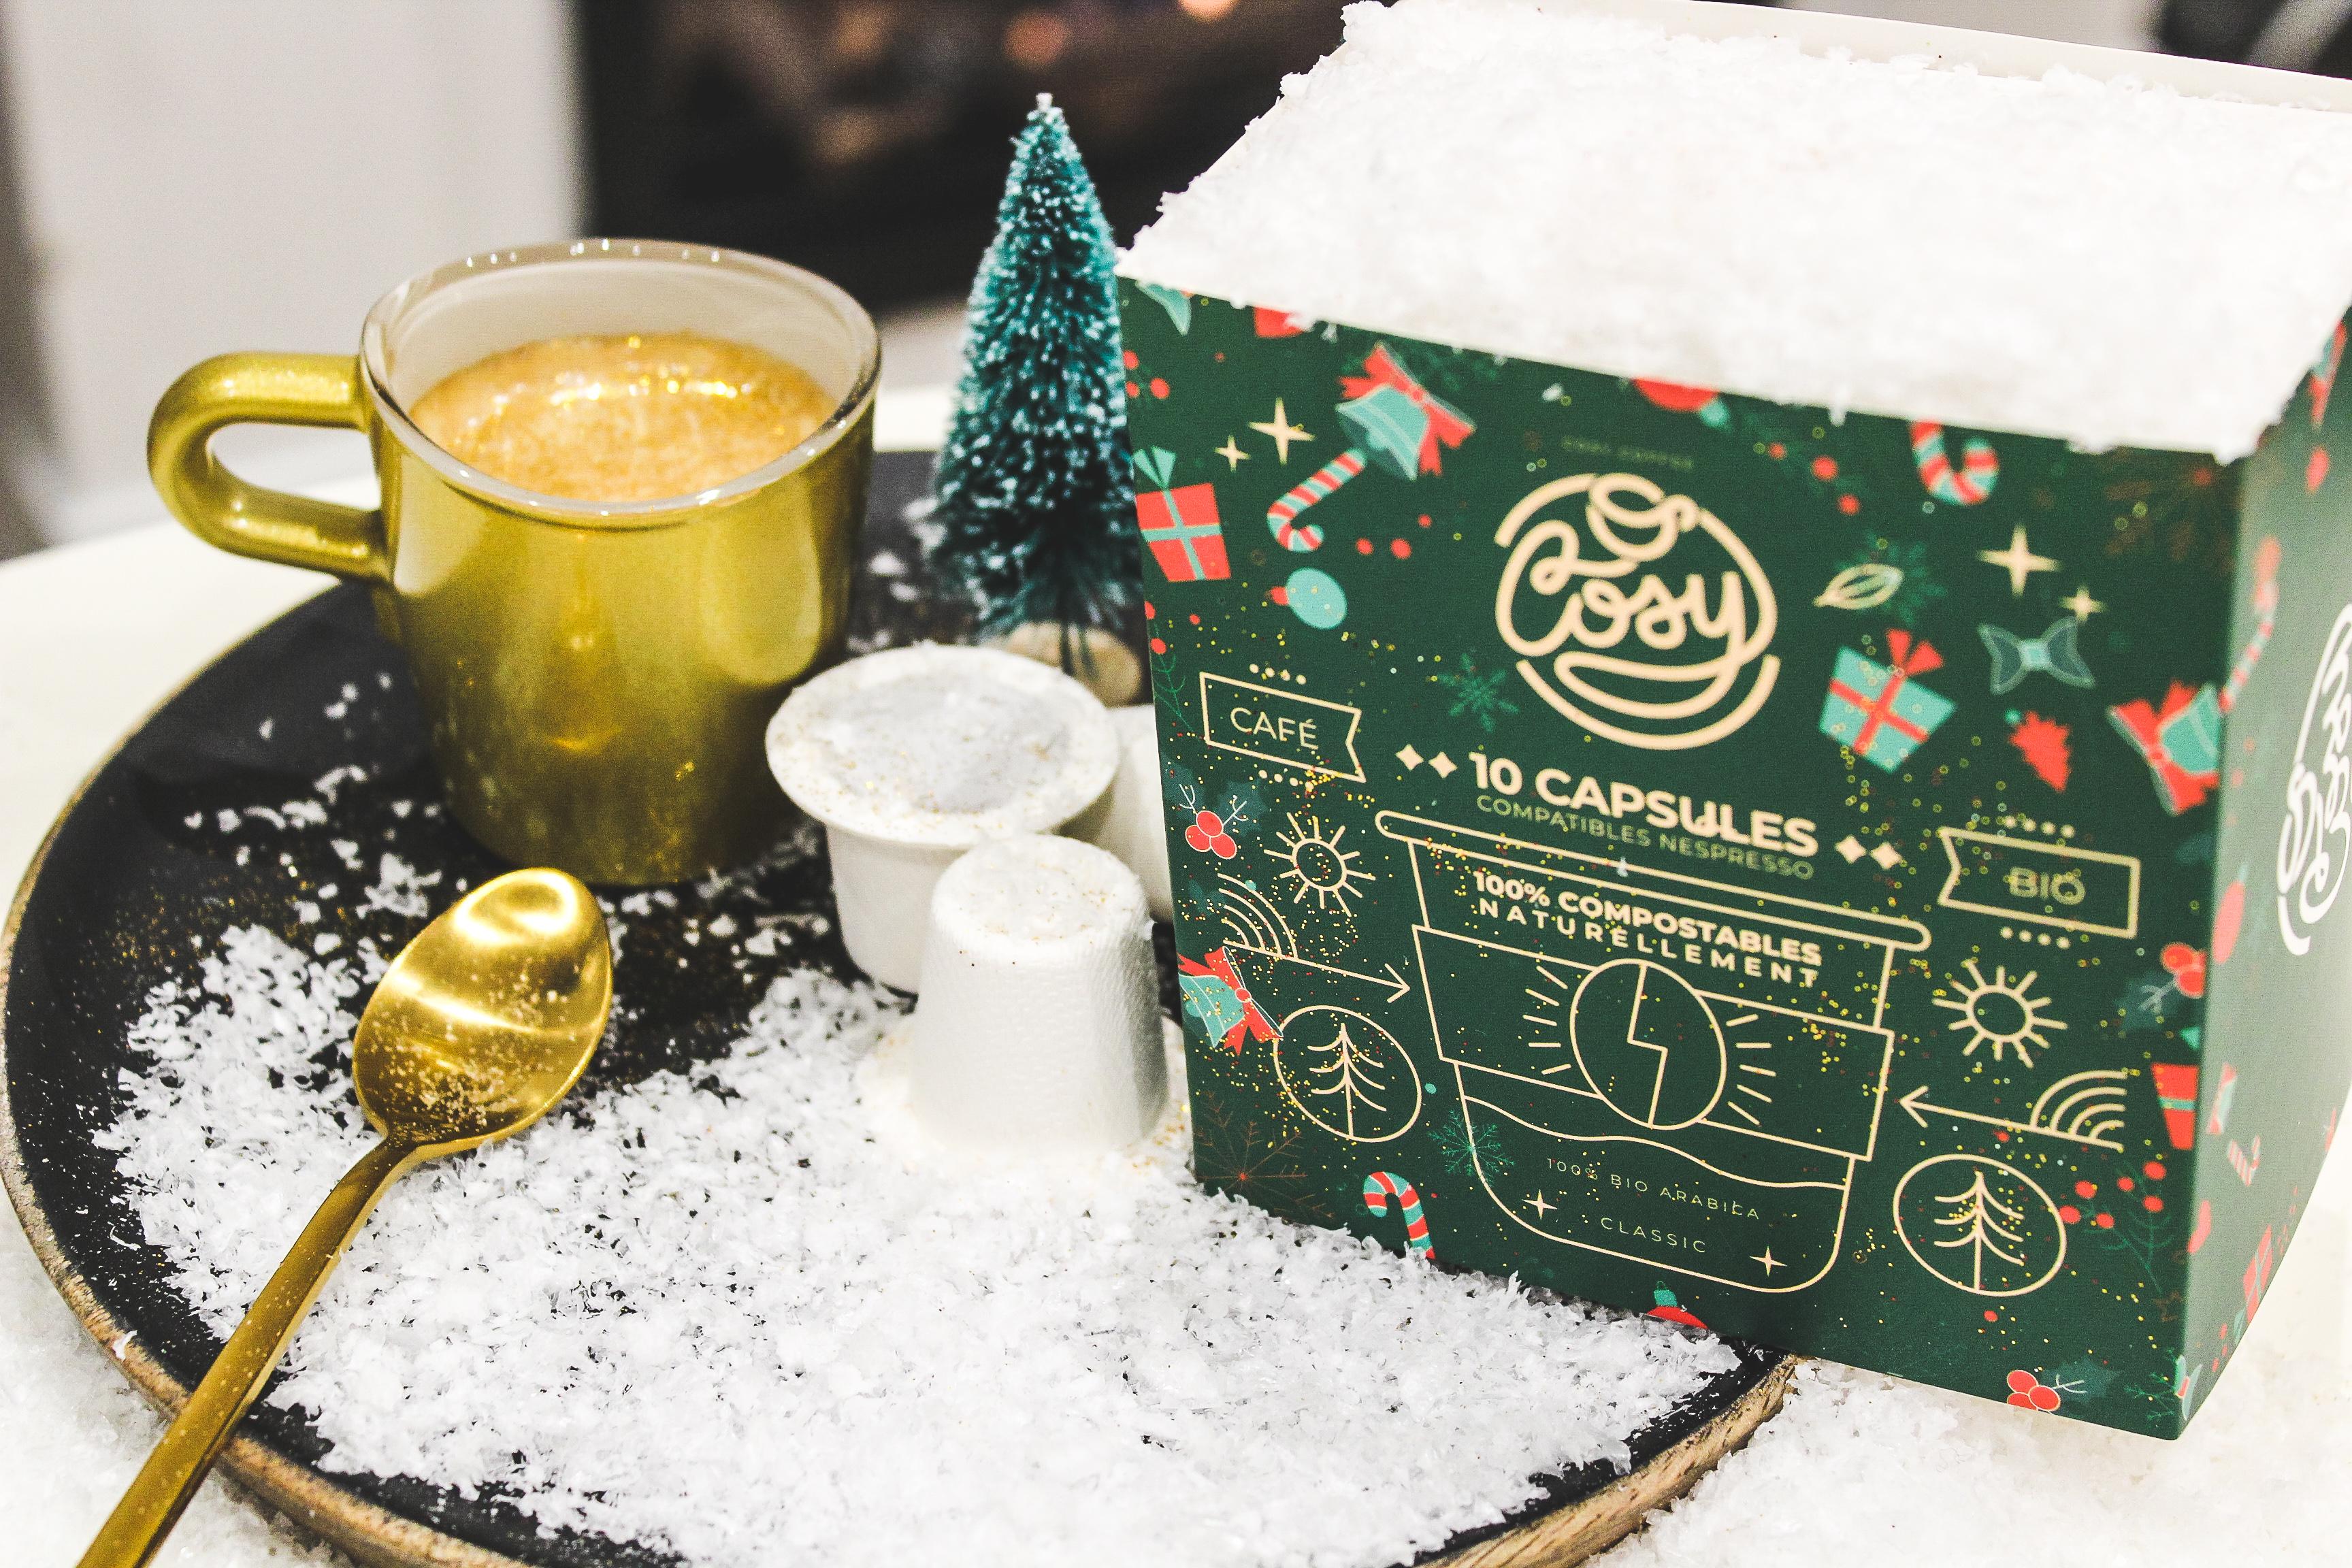 28910901 28242366 - Cosy Coffee, les premières capsules de café 100% compostables